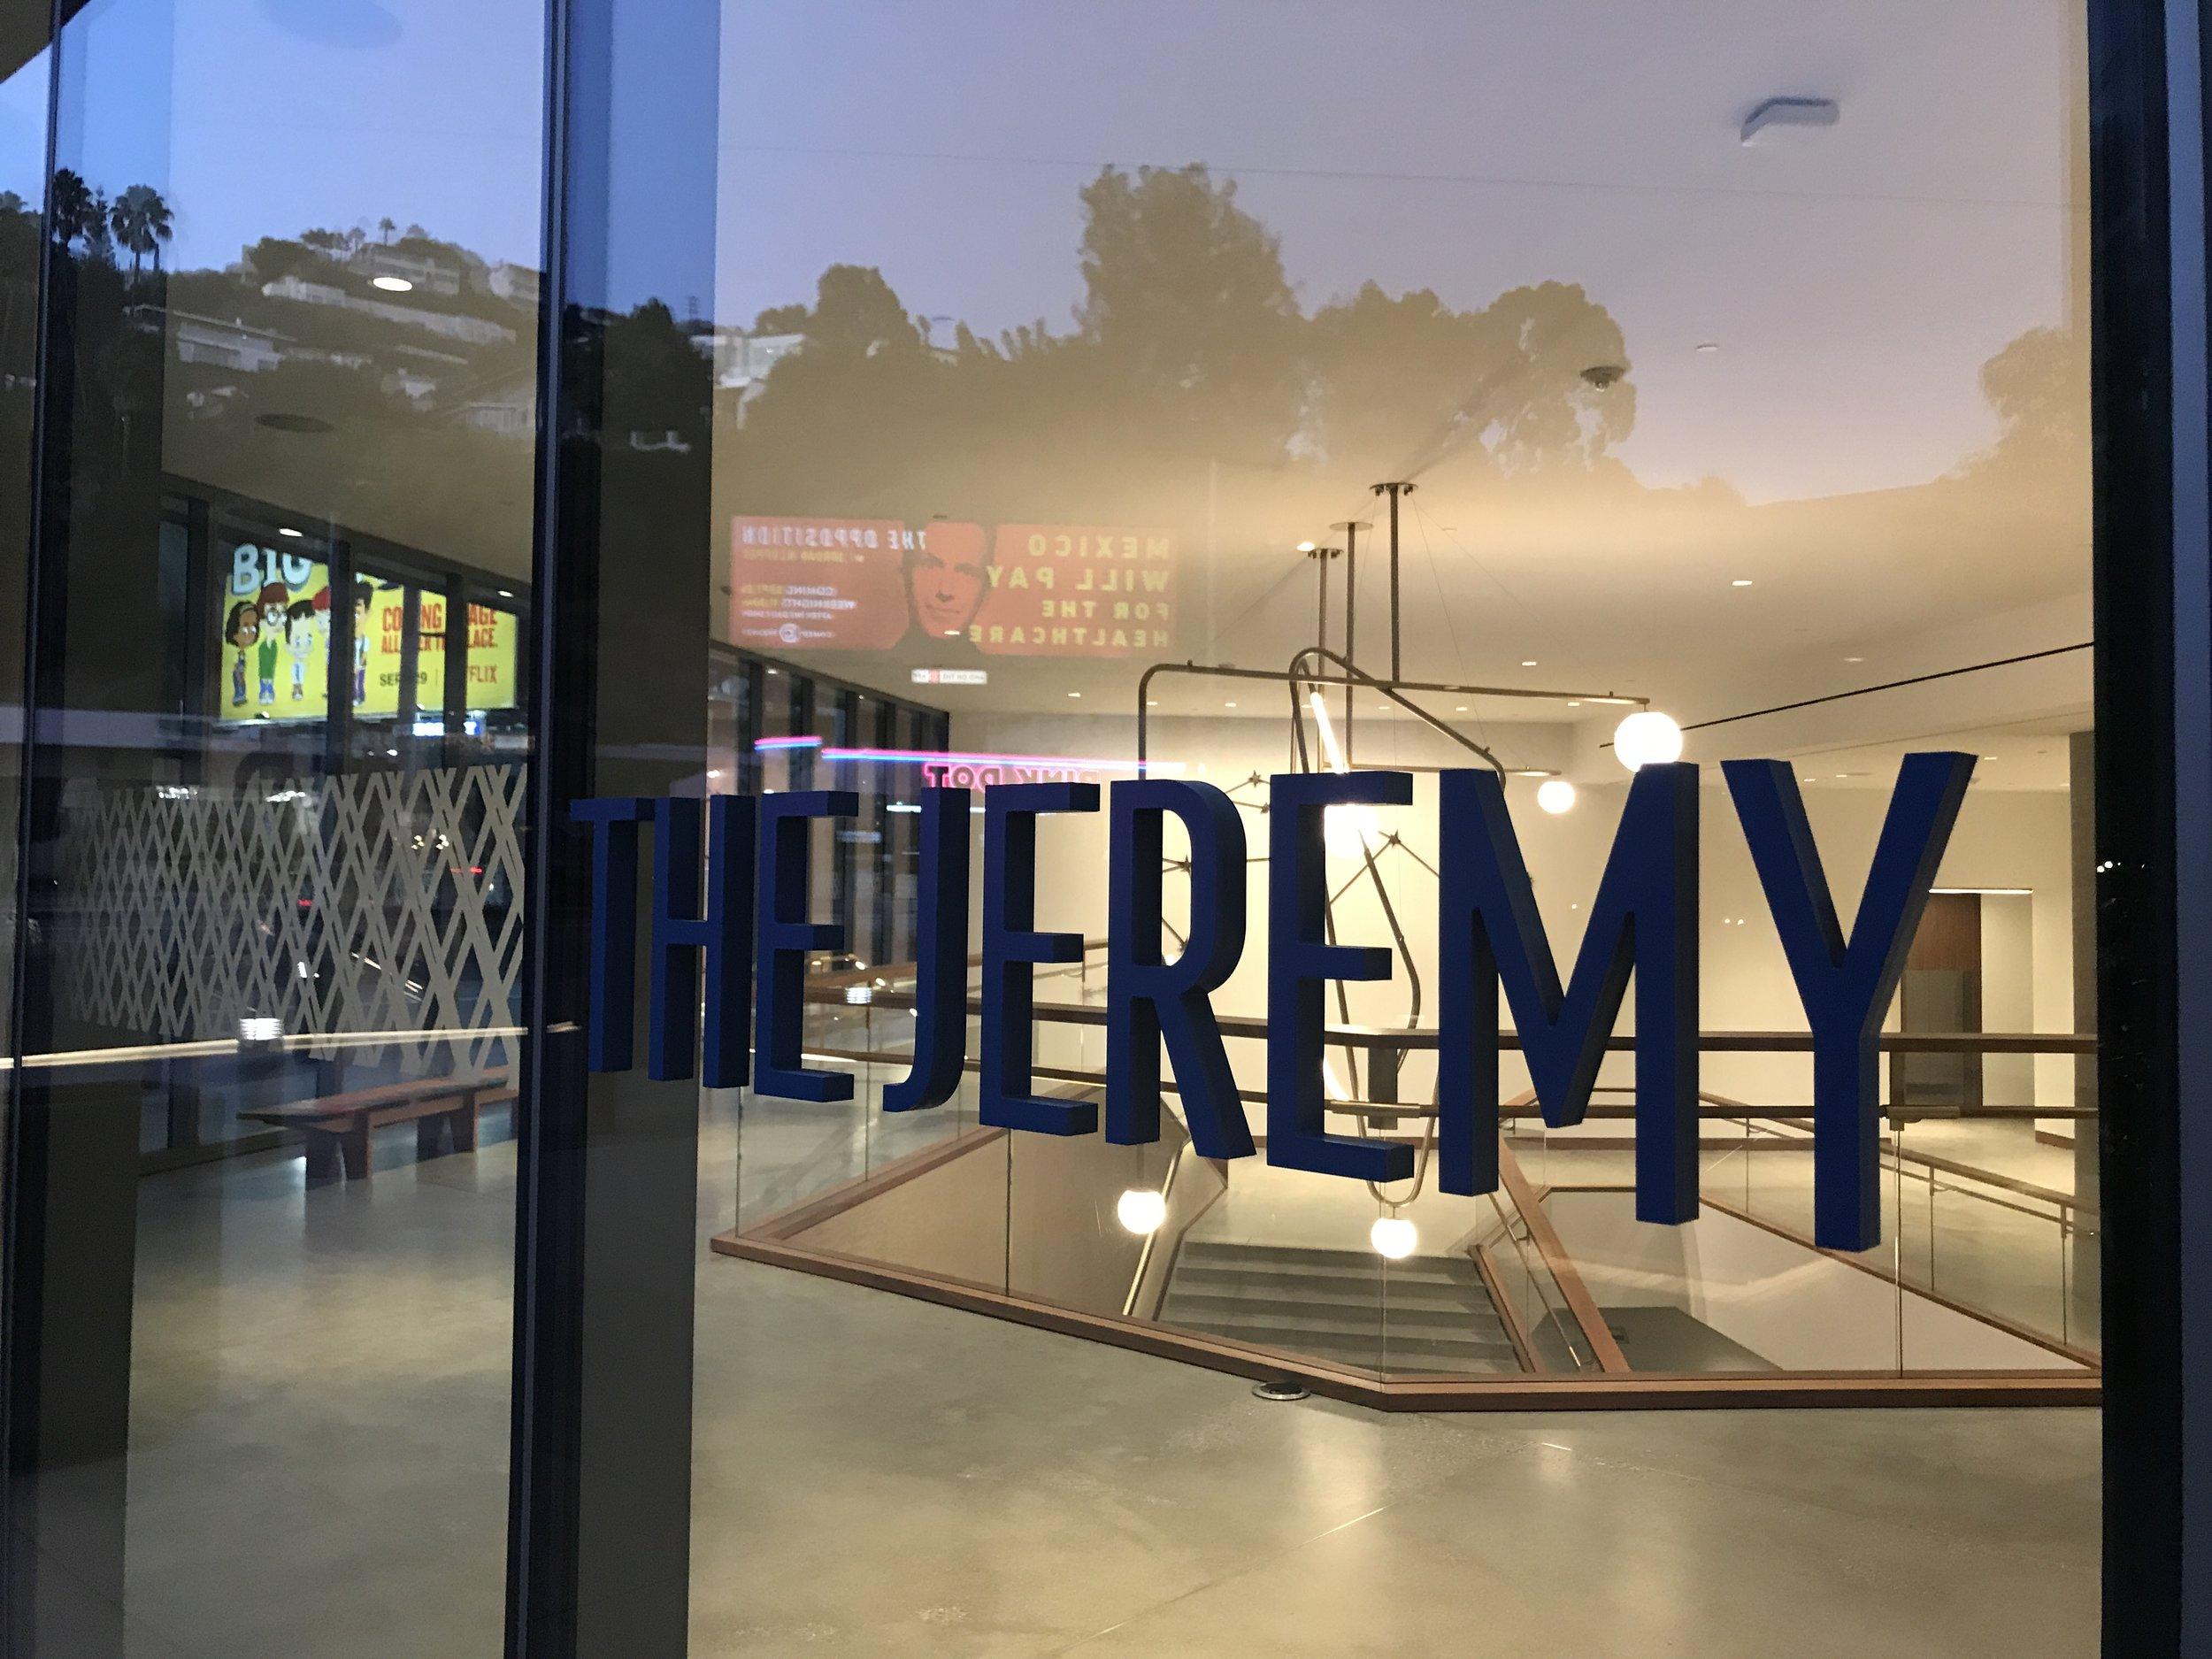 THE JEREMY HOTEL